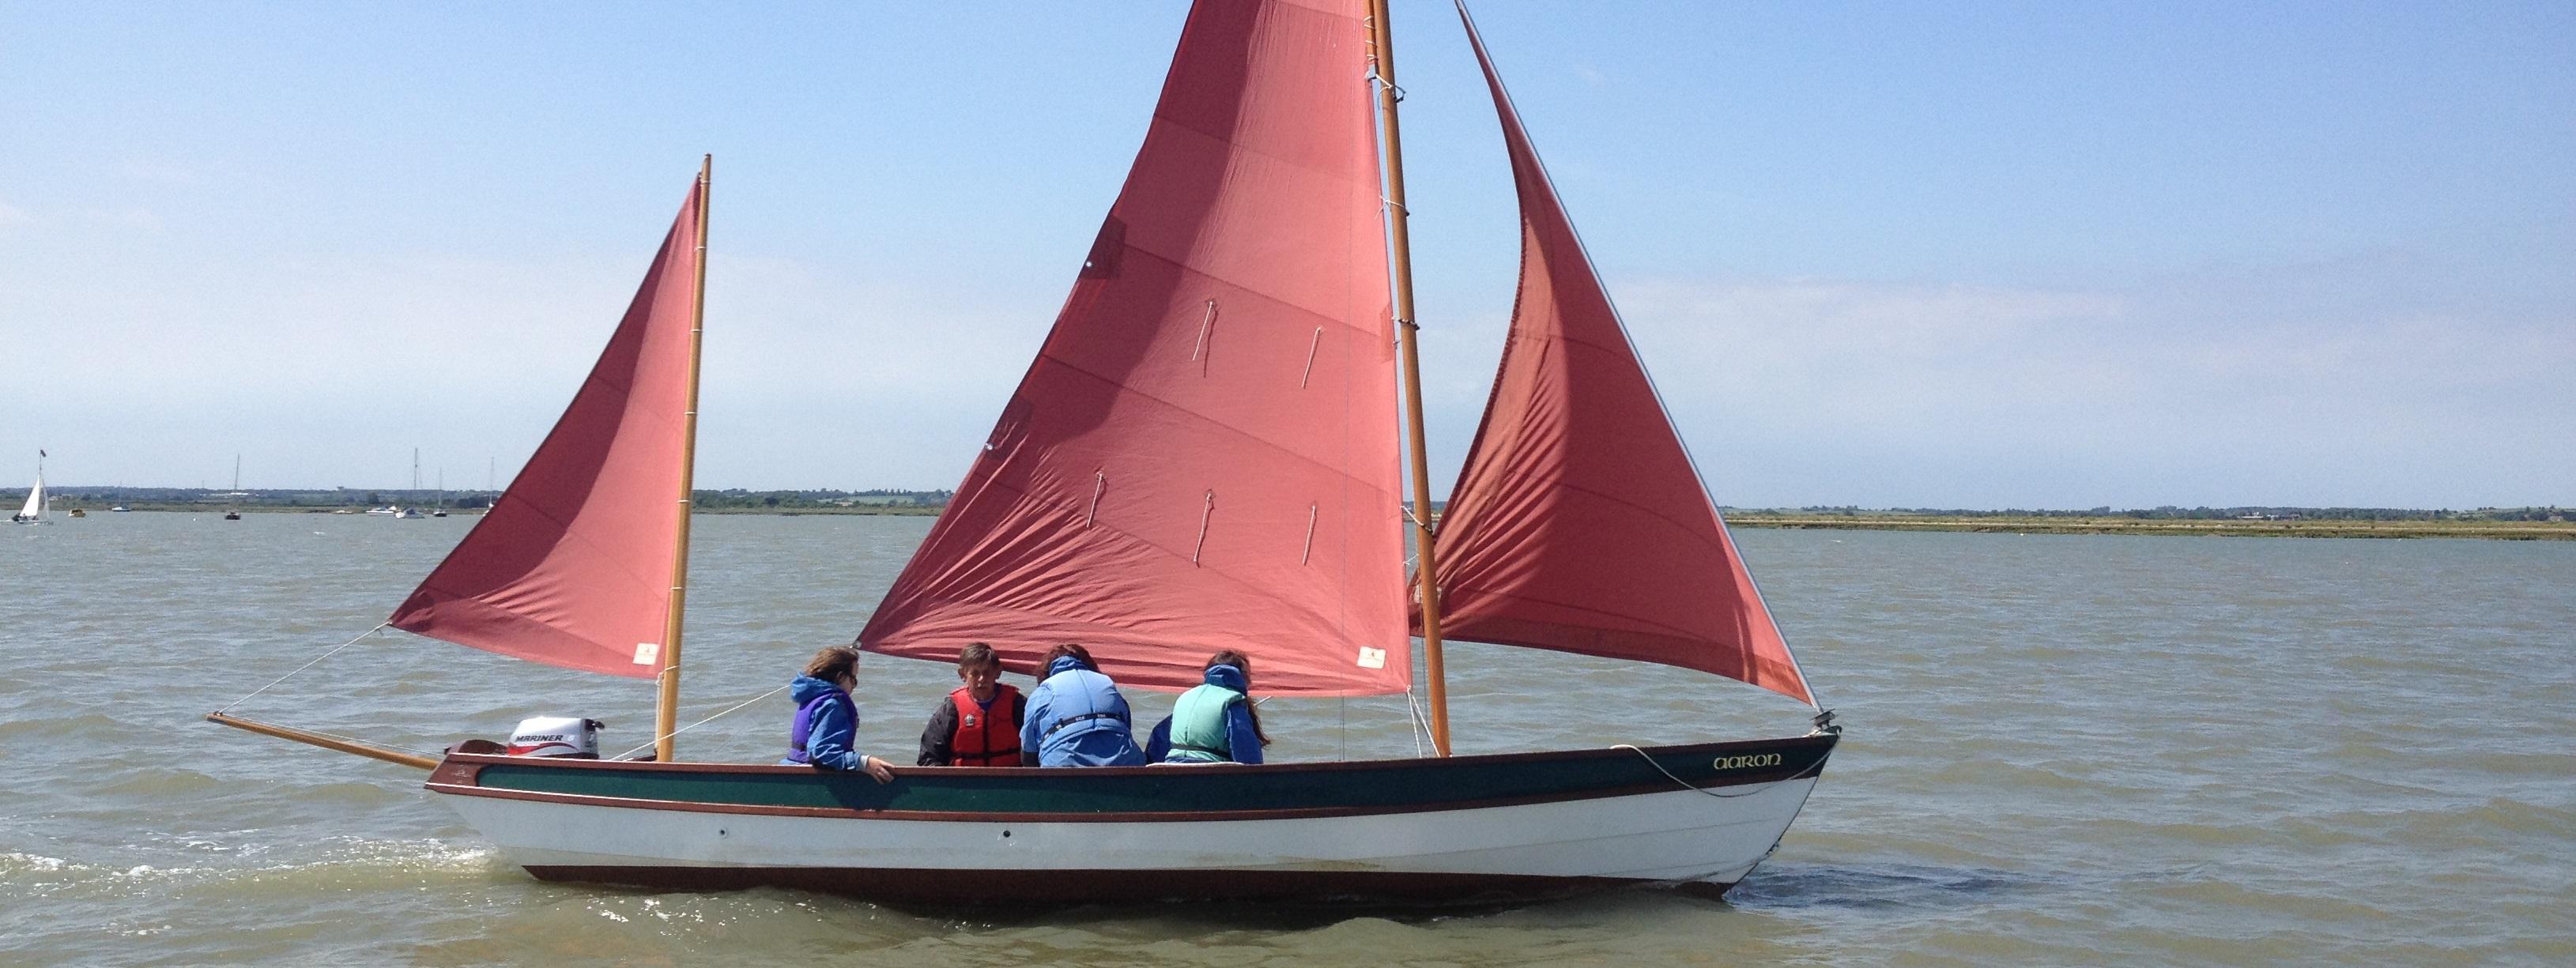 Sailing at FACT